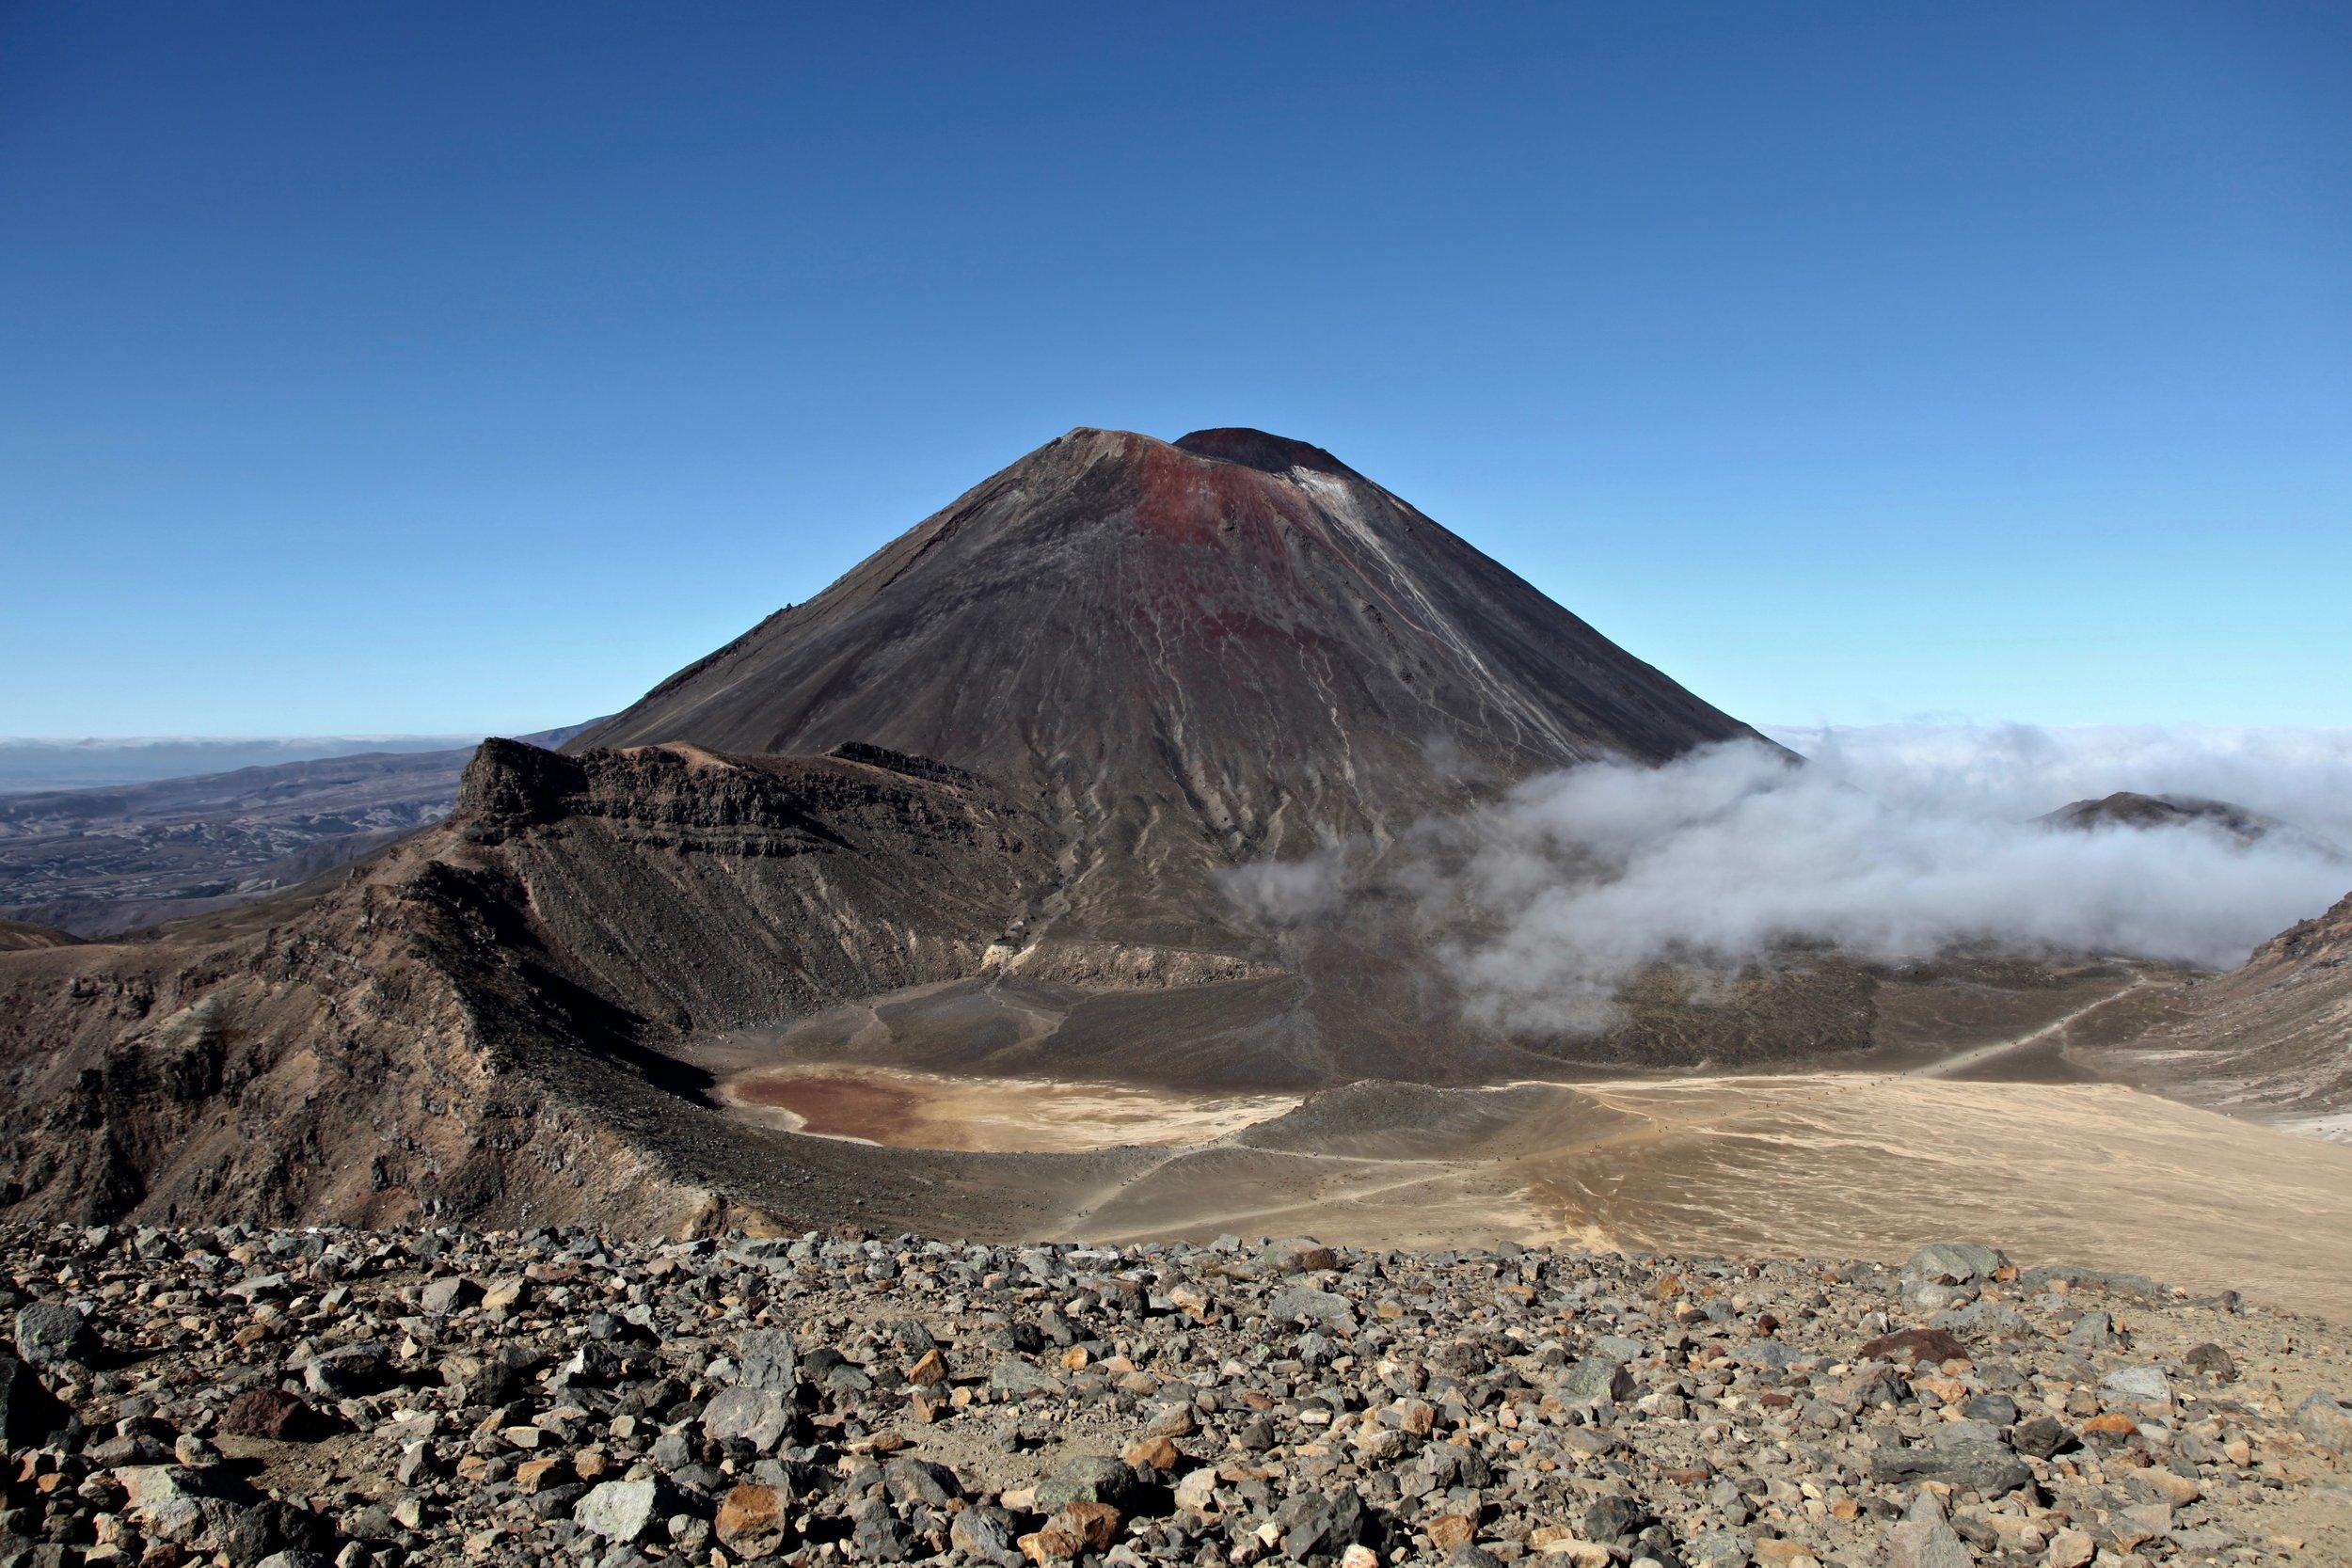 mt-ngauruhoe-volcano-tongariro-crossing.jpg